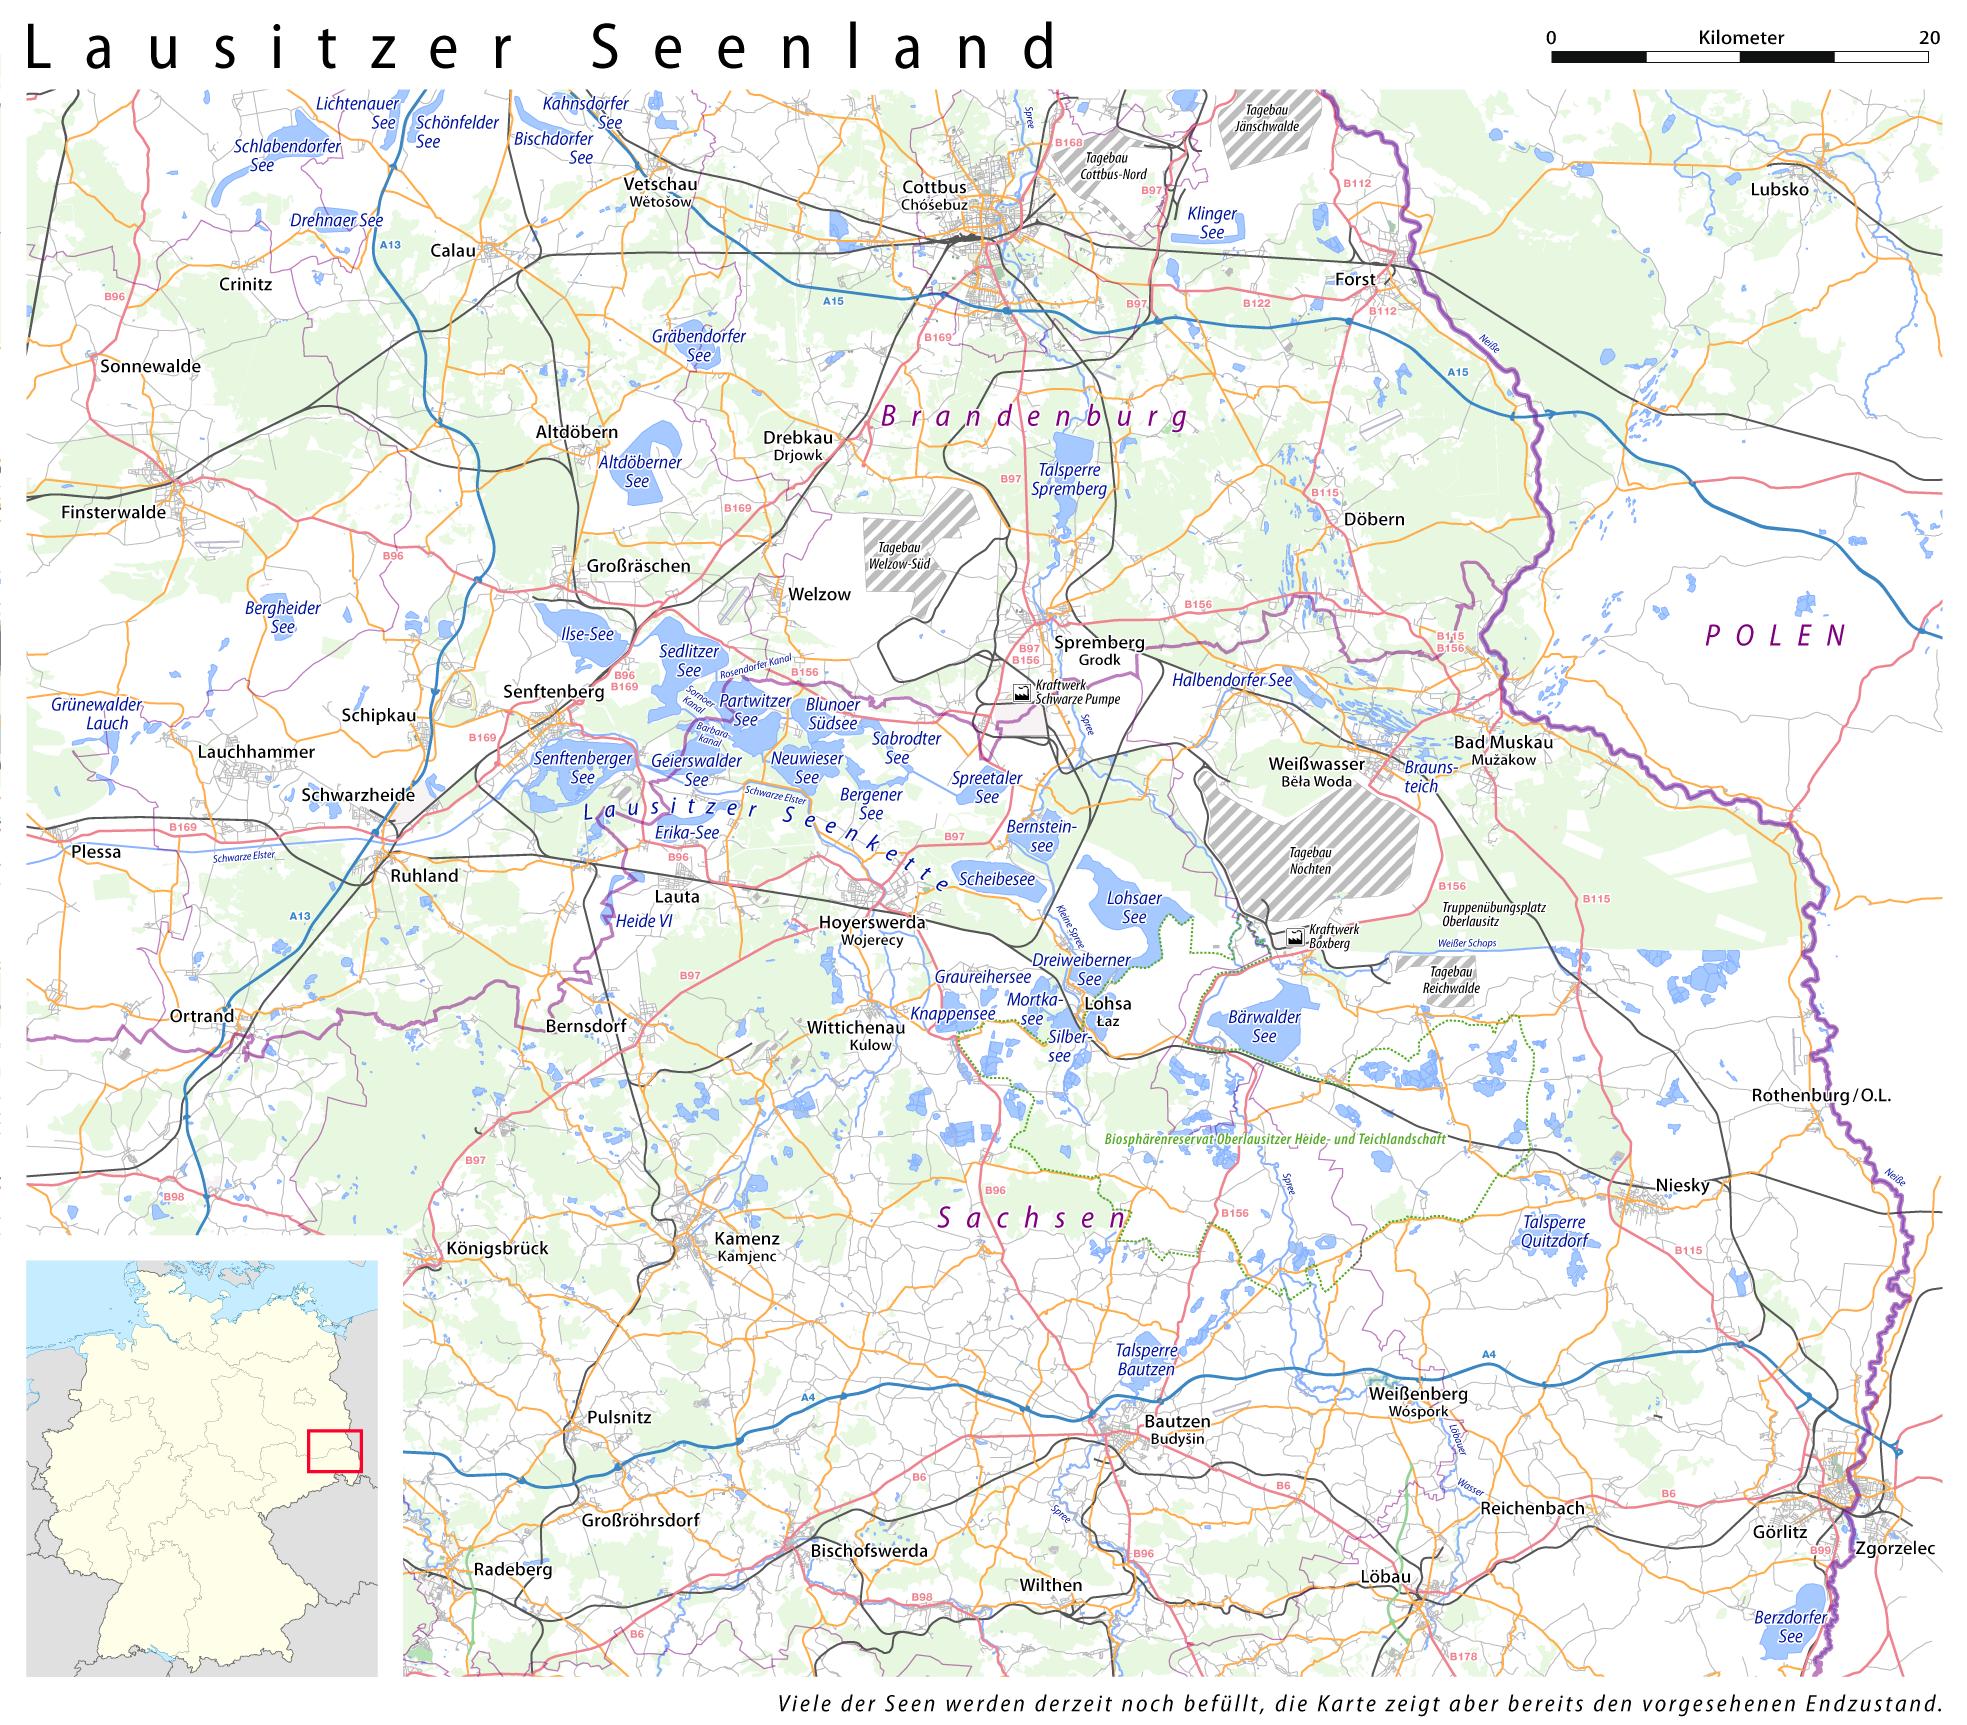 Karte_vom_Lausitzer_Seenland